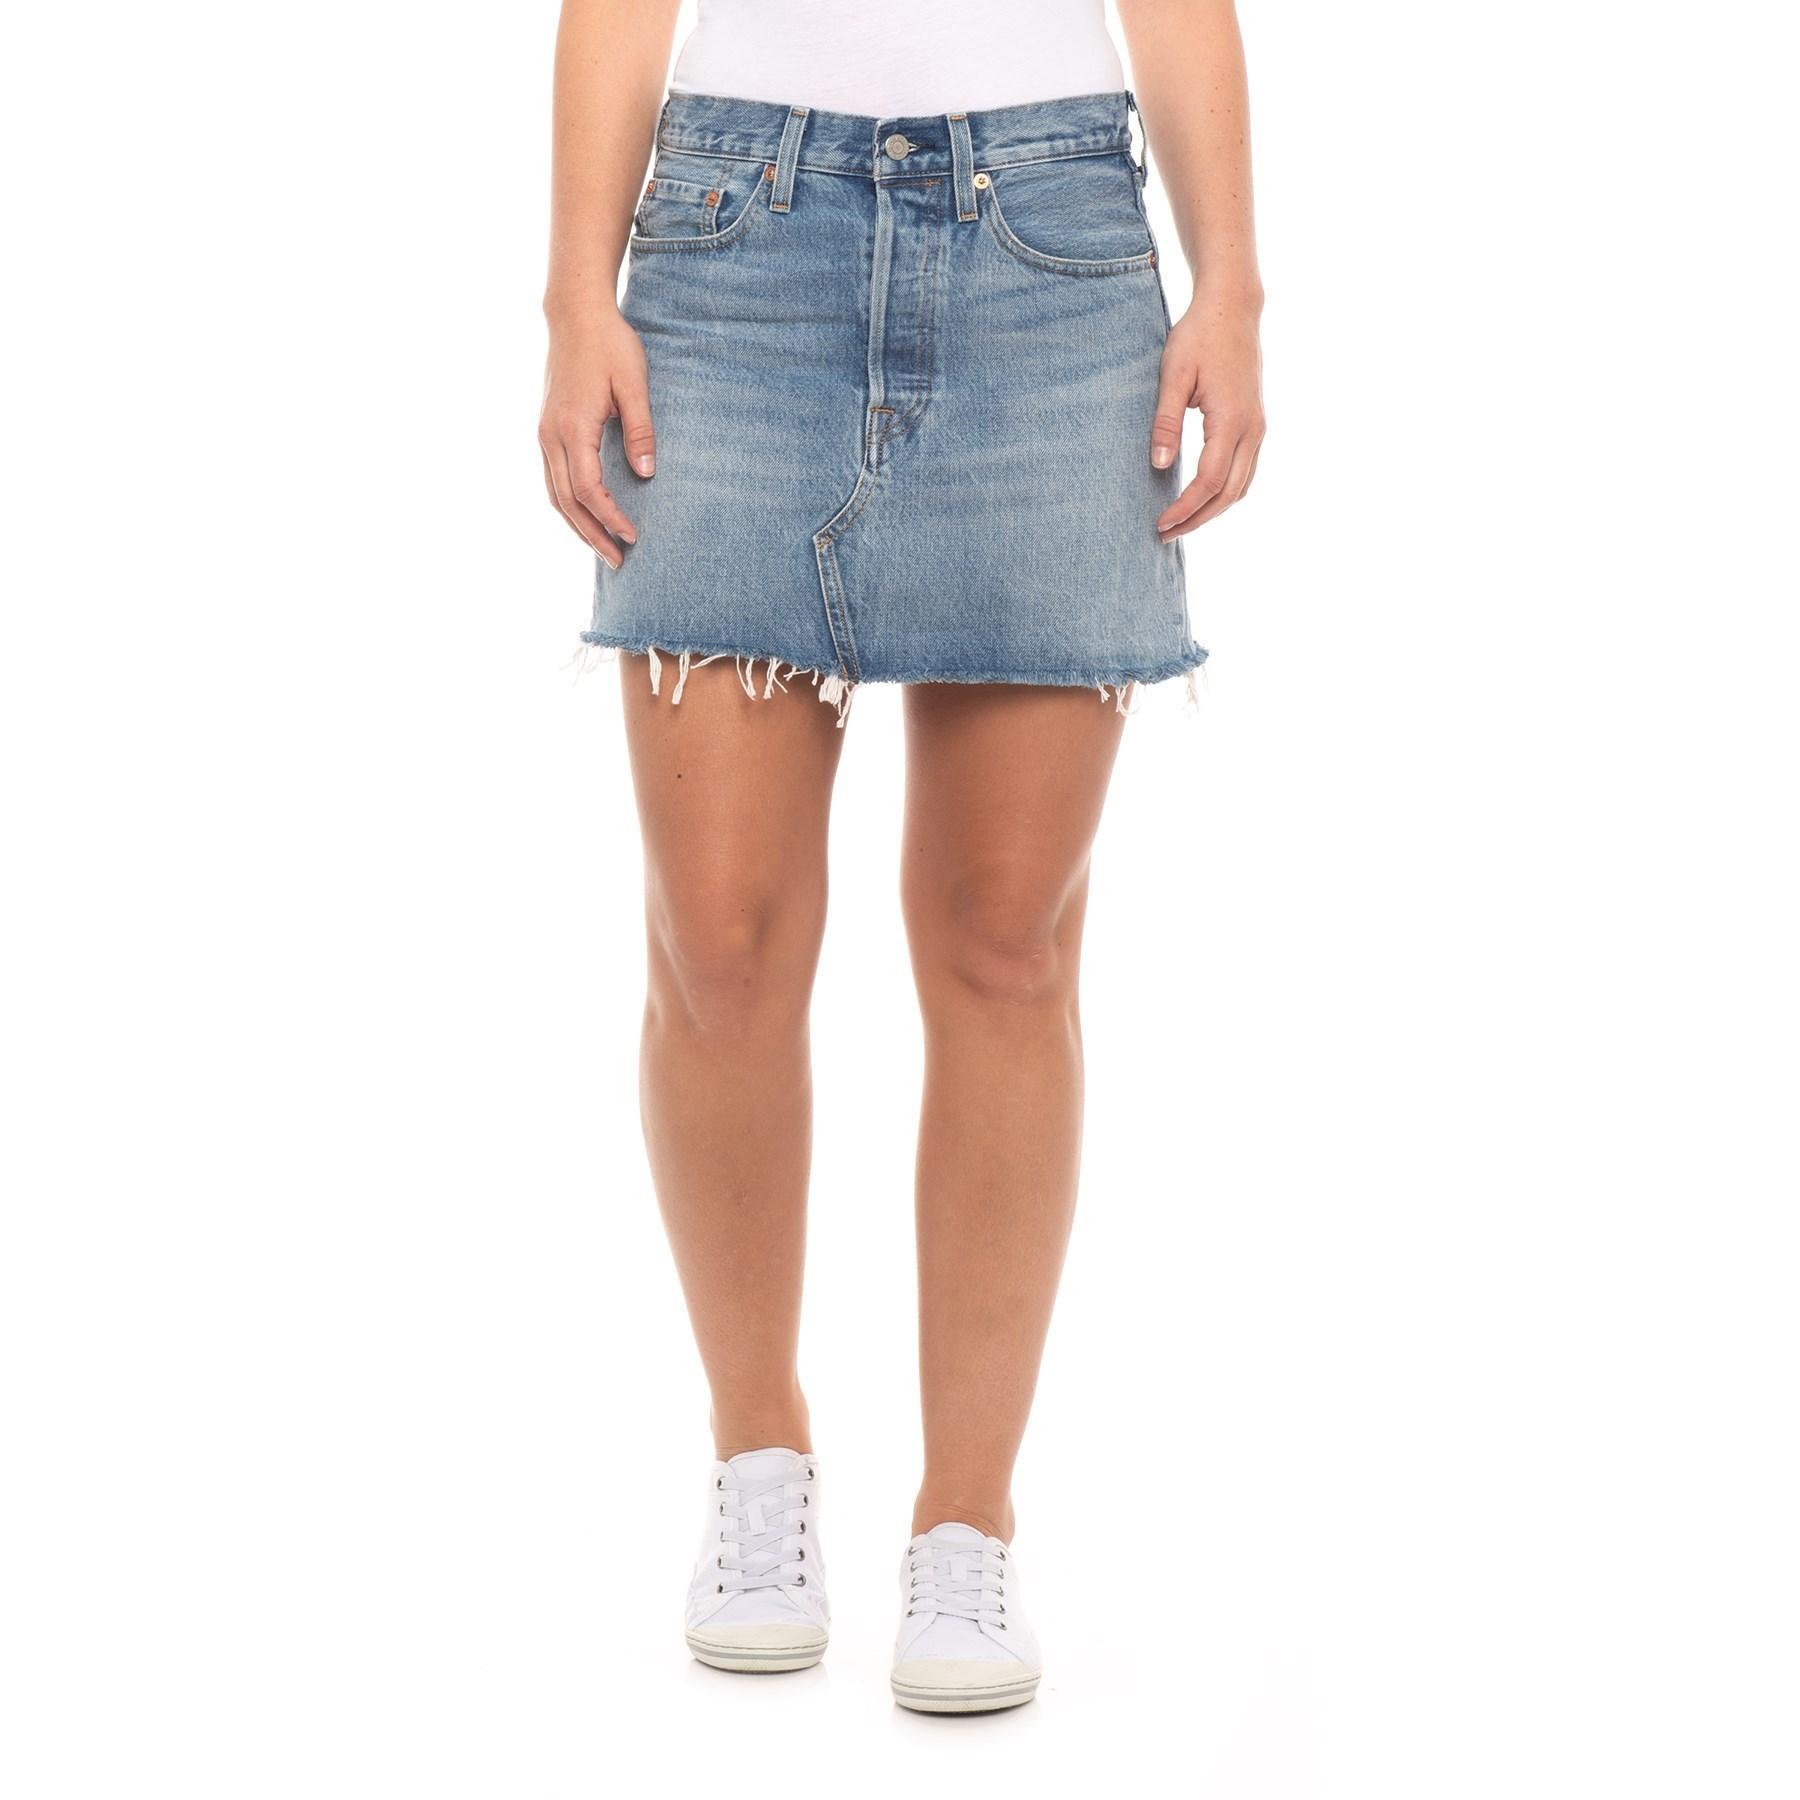 dcd6885bb Levi's Desperate Measures Deconstructed Denim Skirt (for Women) in ...